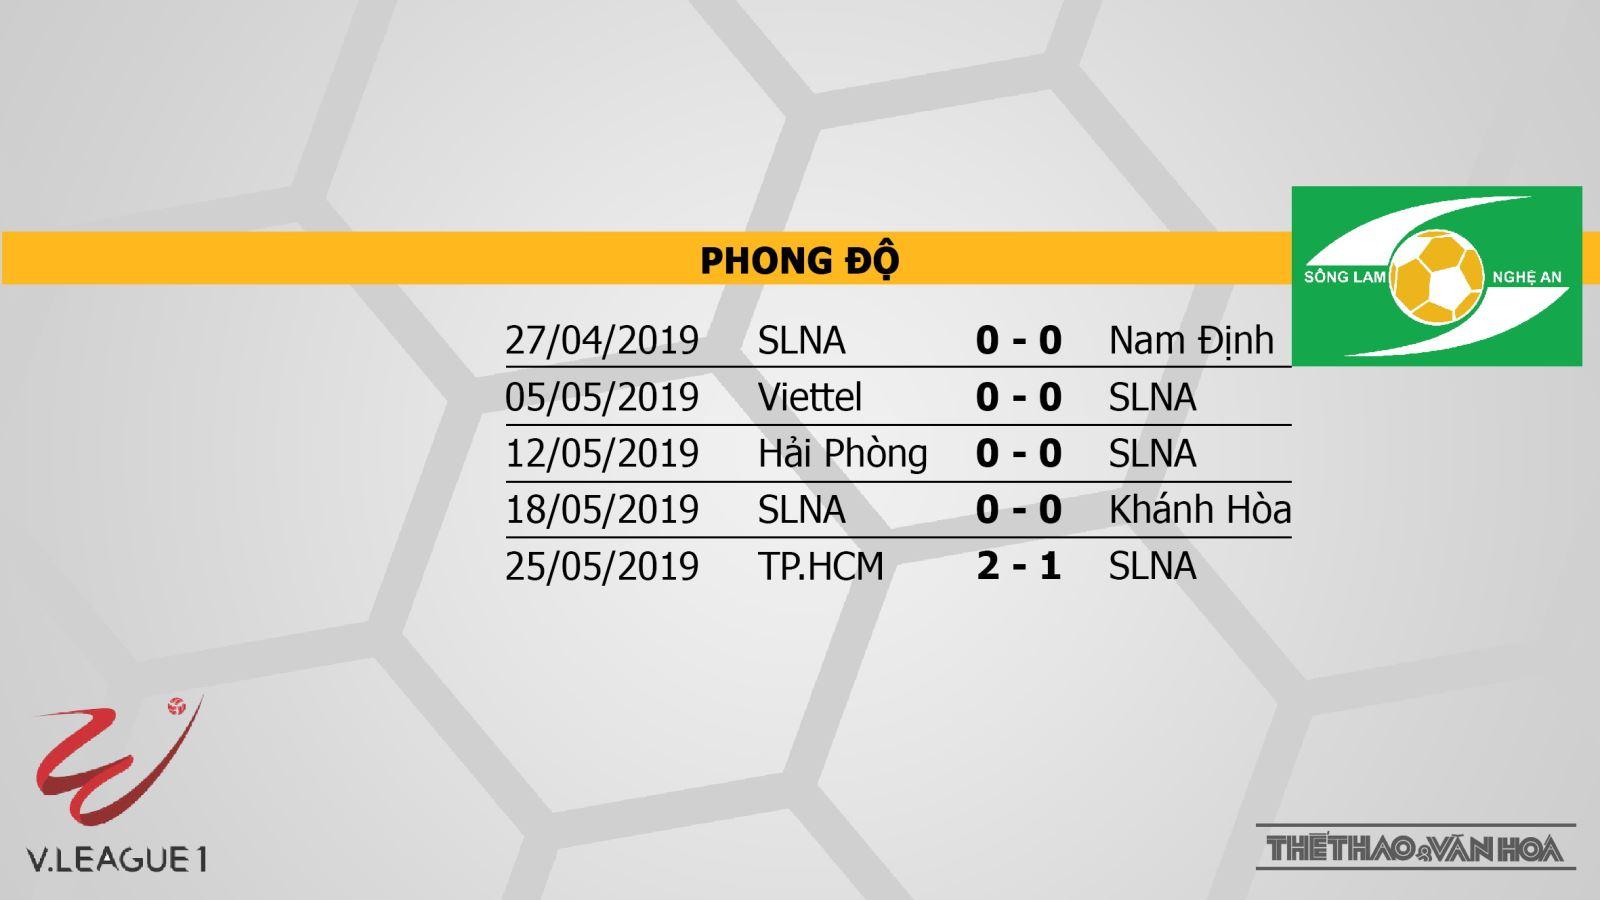 truc tiep bong da, trực tiếp bóng đá, Sài Gòn vs SLNA, Sài Gòn đấu với SLNA, Sai Gon va SLNA, BĐTV, FPT, xem bong da truc tuyen, V League 2019